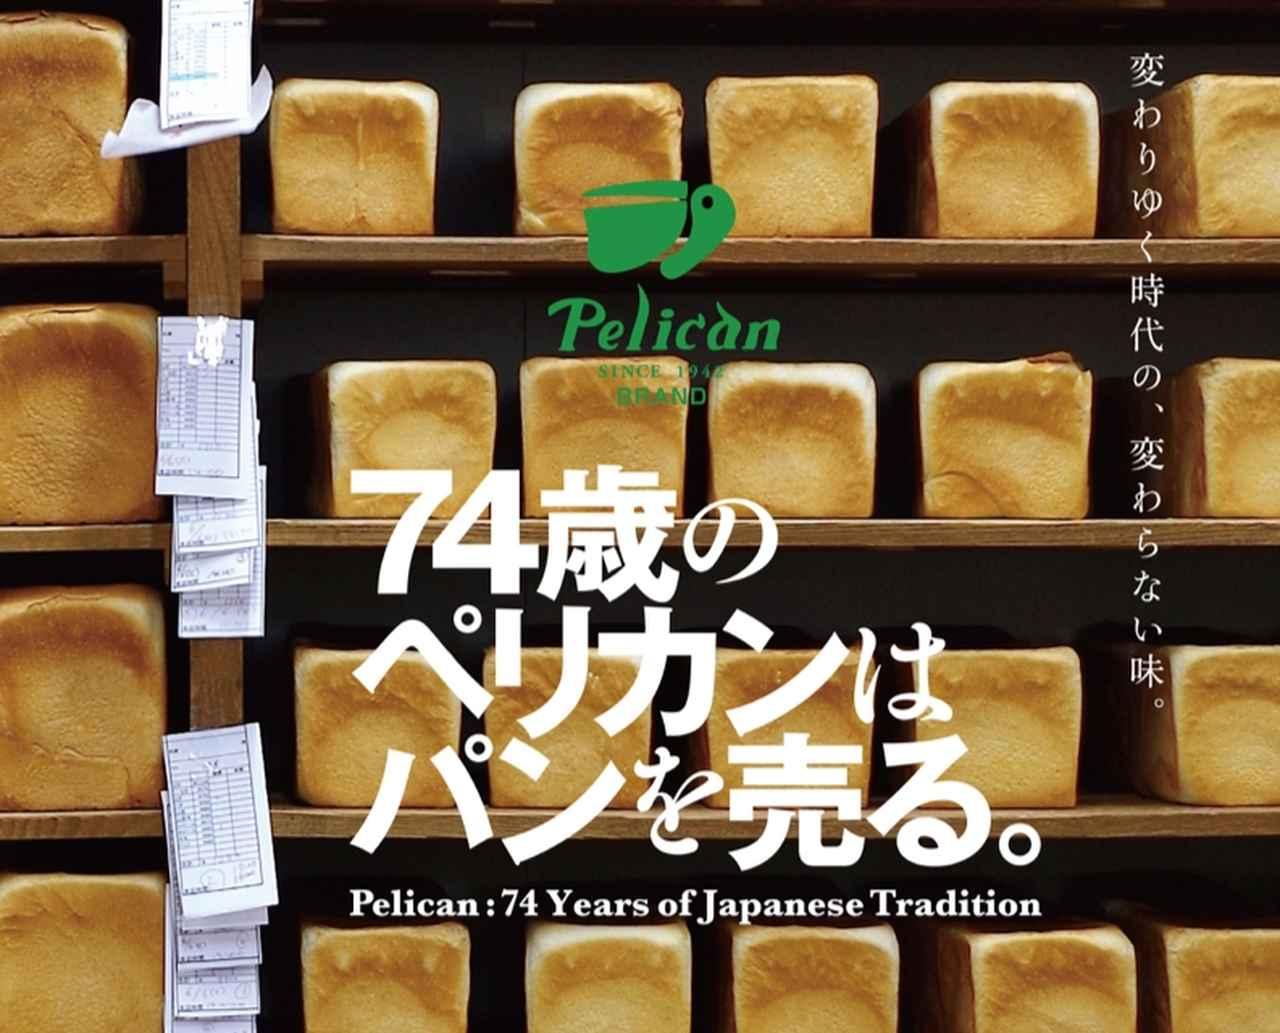 画像: 9月10日(日)19:00〜20:30 映画「74歳のペリカンはパンを売る。」公開記念トークショー 浅草の老舗パン屋「ペリカン」のドキュメンタリー映画「74歳のペリカンはパンを売る。」公開を記念したトークイベント。映画の主演である4代目店長の渡辺陸さんと映画監督・内田俊太郎による制作ストーリーなどをお話します。